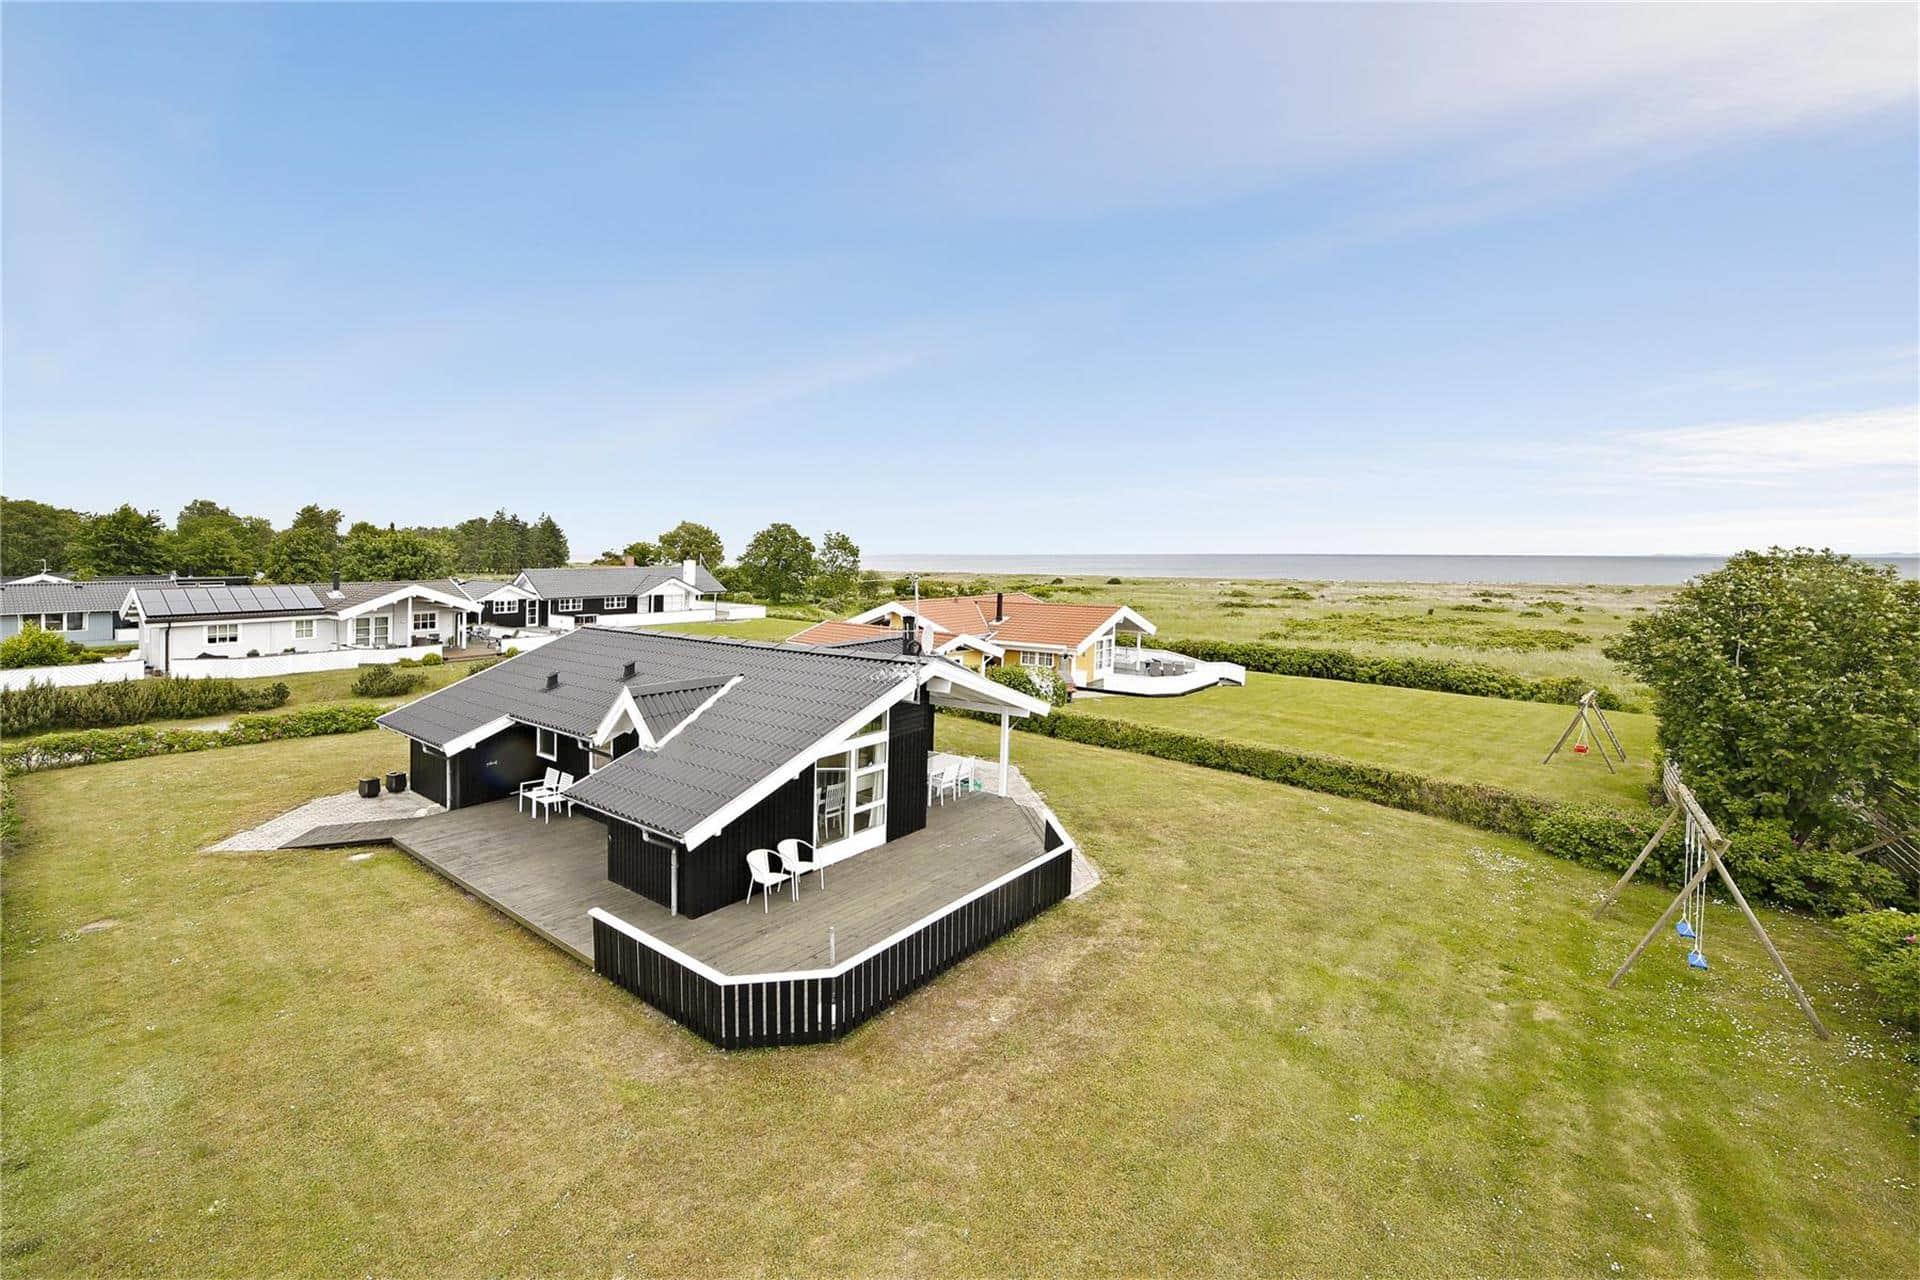 Bild 1-19 Ferienhaus 30090, Norsmindevej 171, DK - 8340 Malling